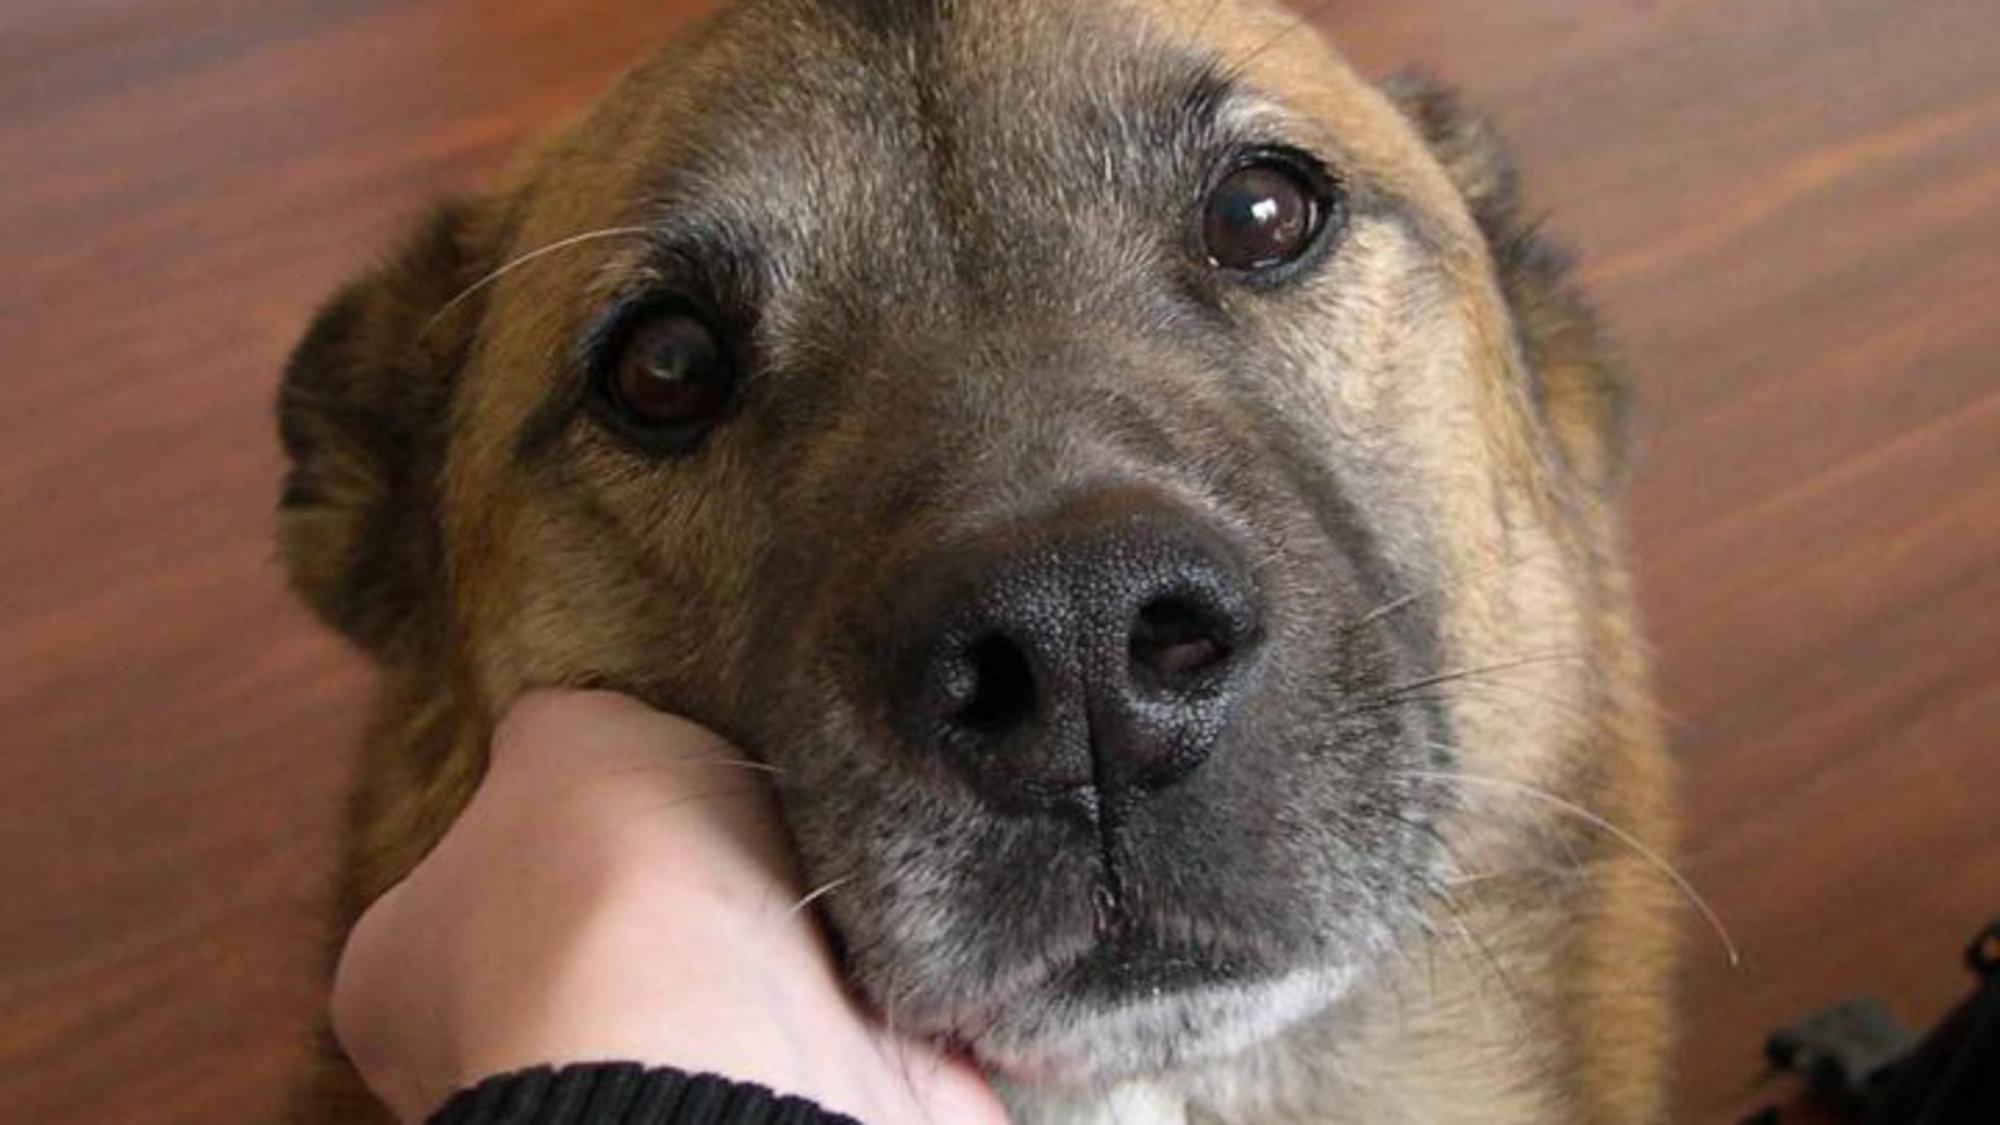 Φρίκη στα Πατήσια: Ηλικιωμένη πέθανε και την έφαγαν τα σκυλιά της